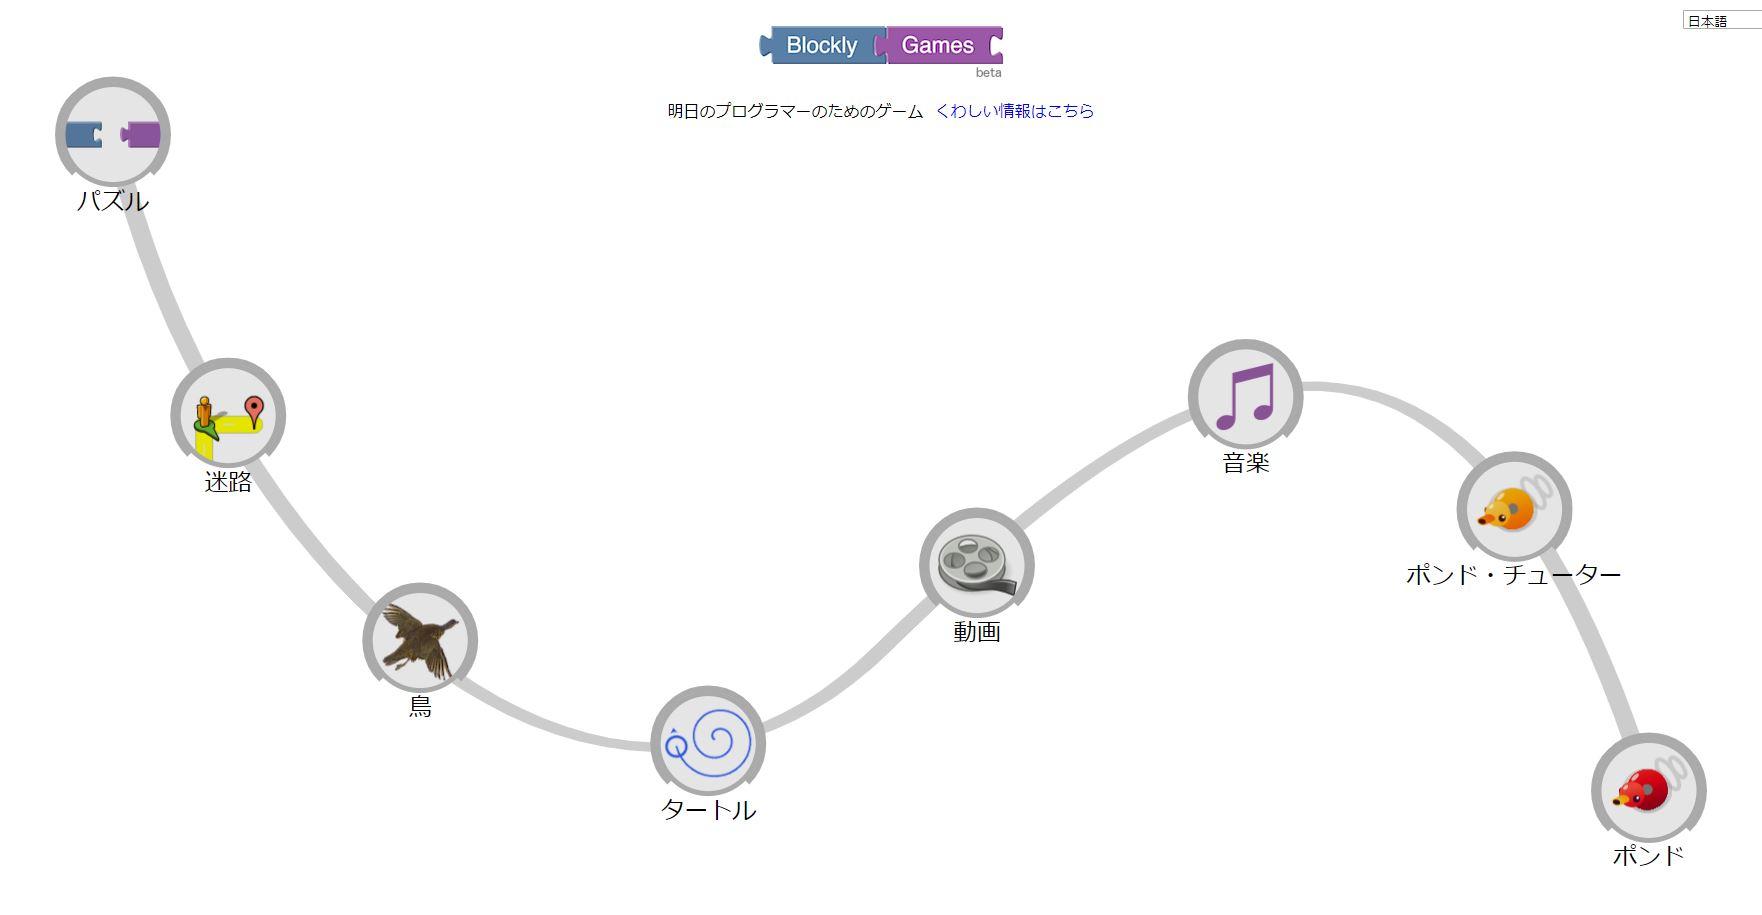 ブロックリー・ゲームの画面